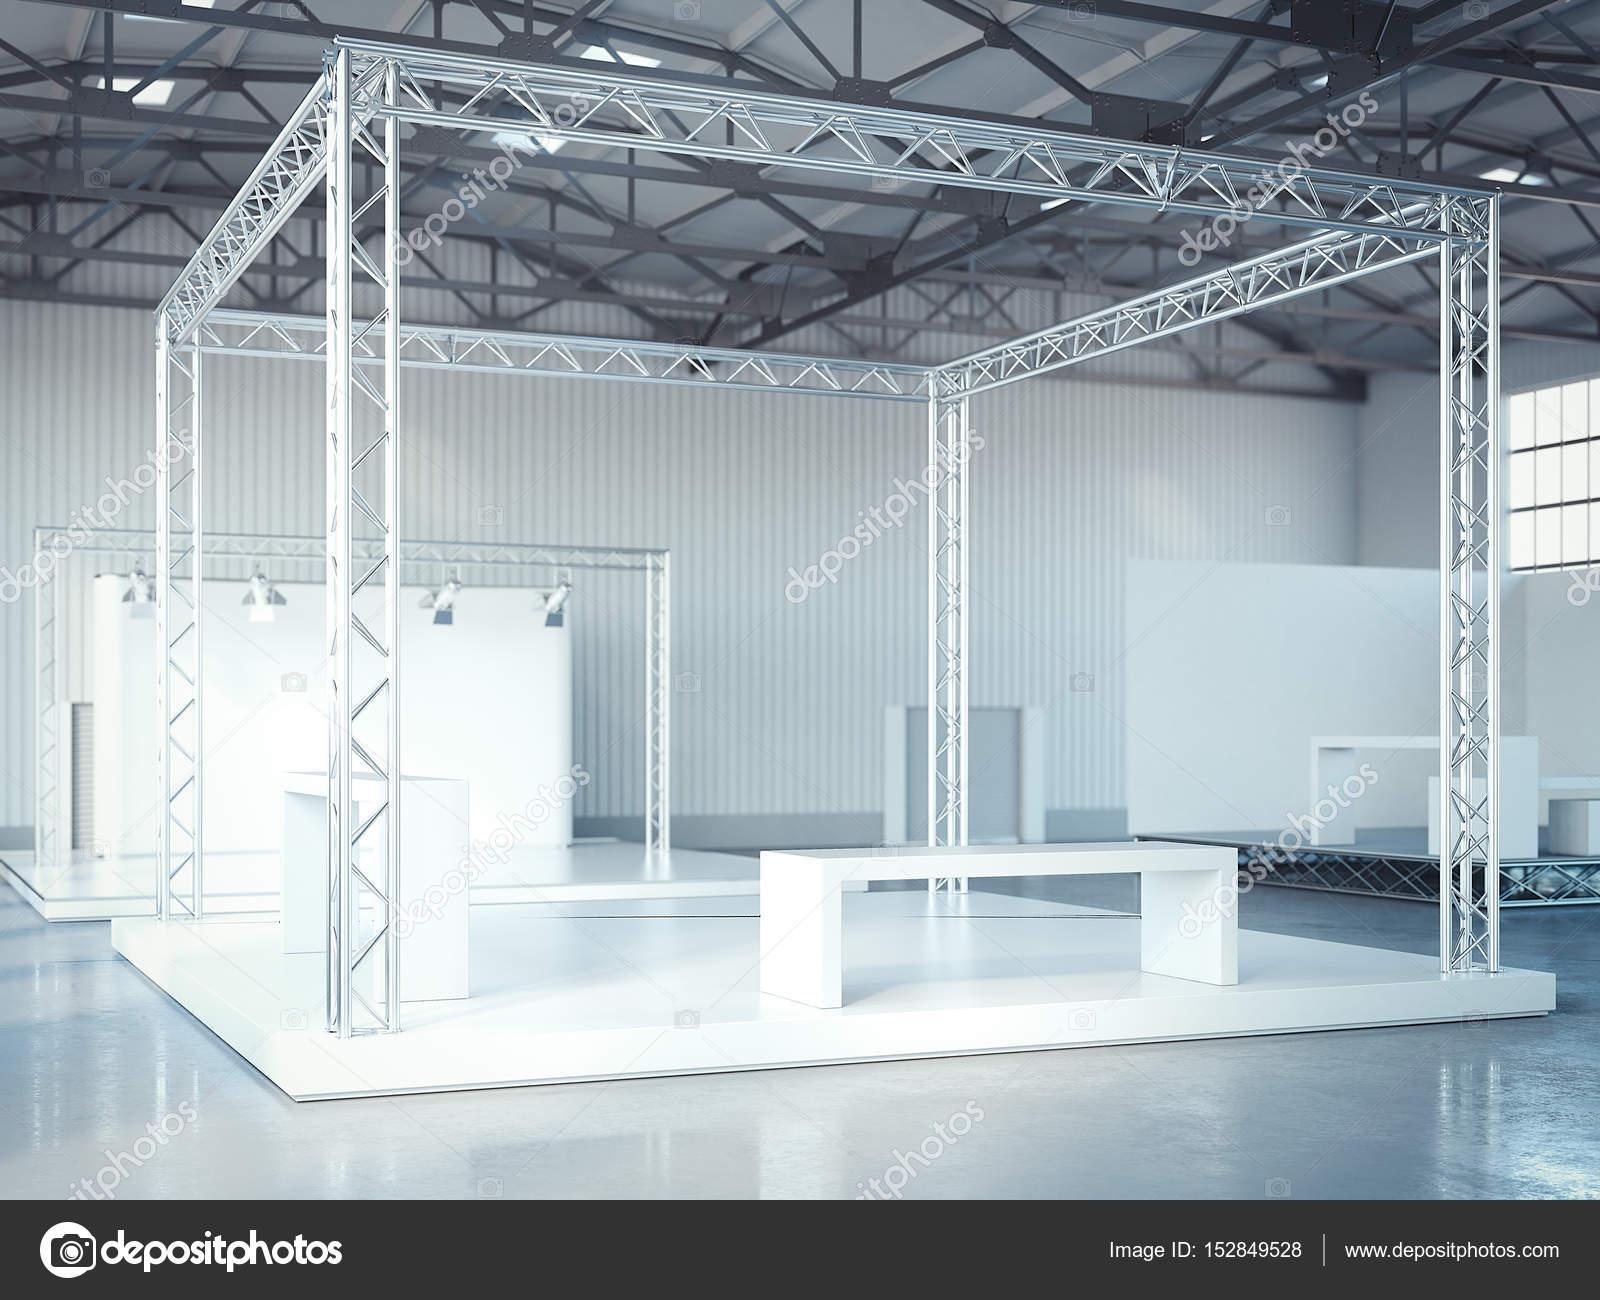 Leere Bühne mit Metallgerüst im modernen Interieur. 3D-Rendering ...